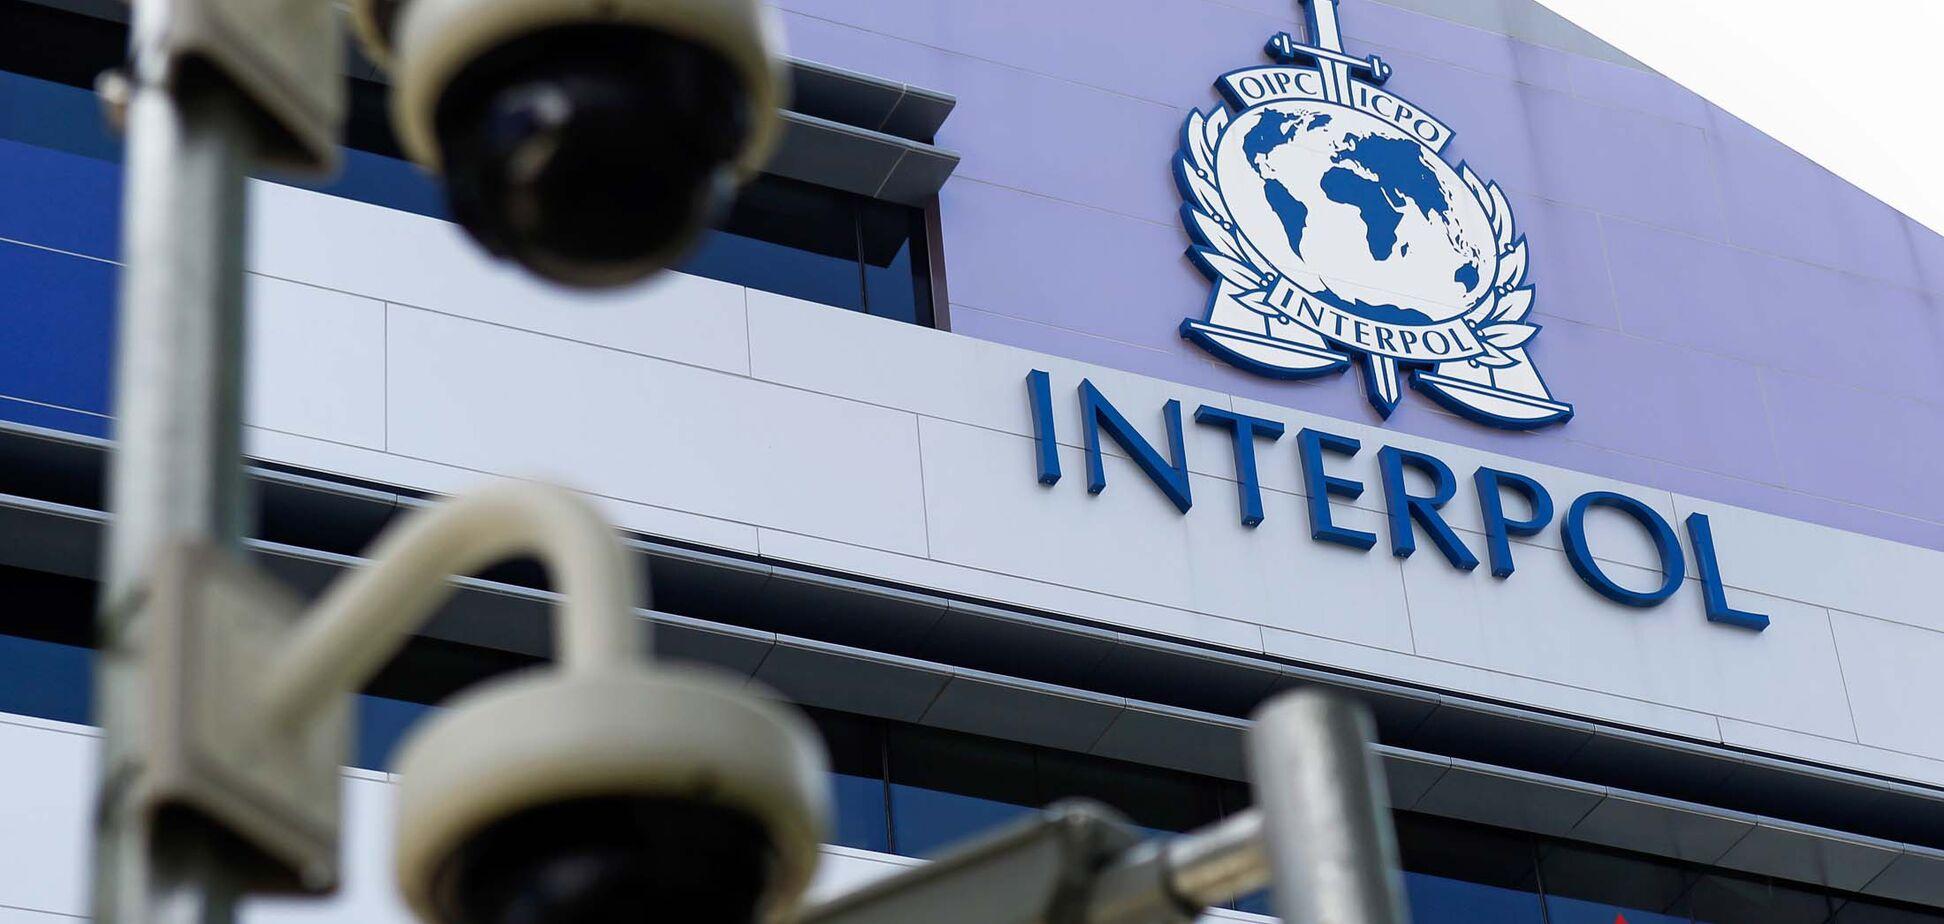 Как сделать Россию посмешищем для Интерпола: Голышев поделился идеей